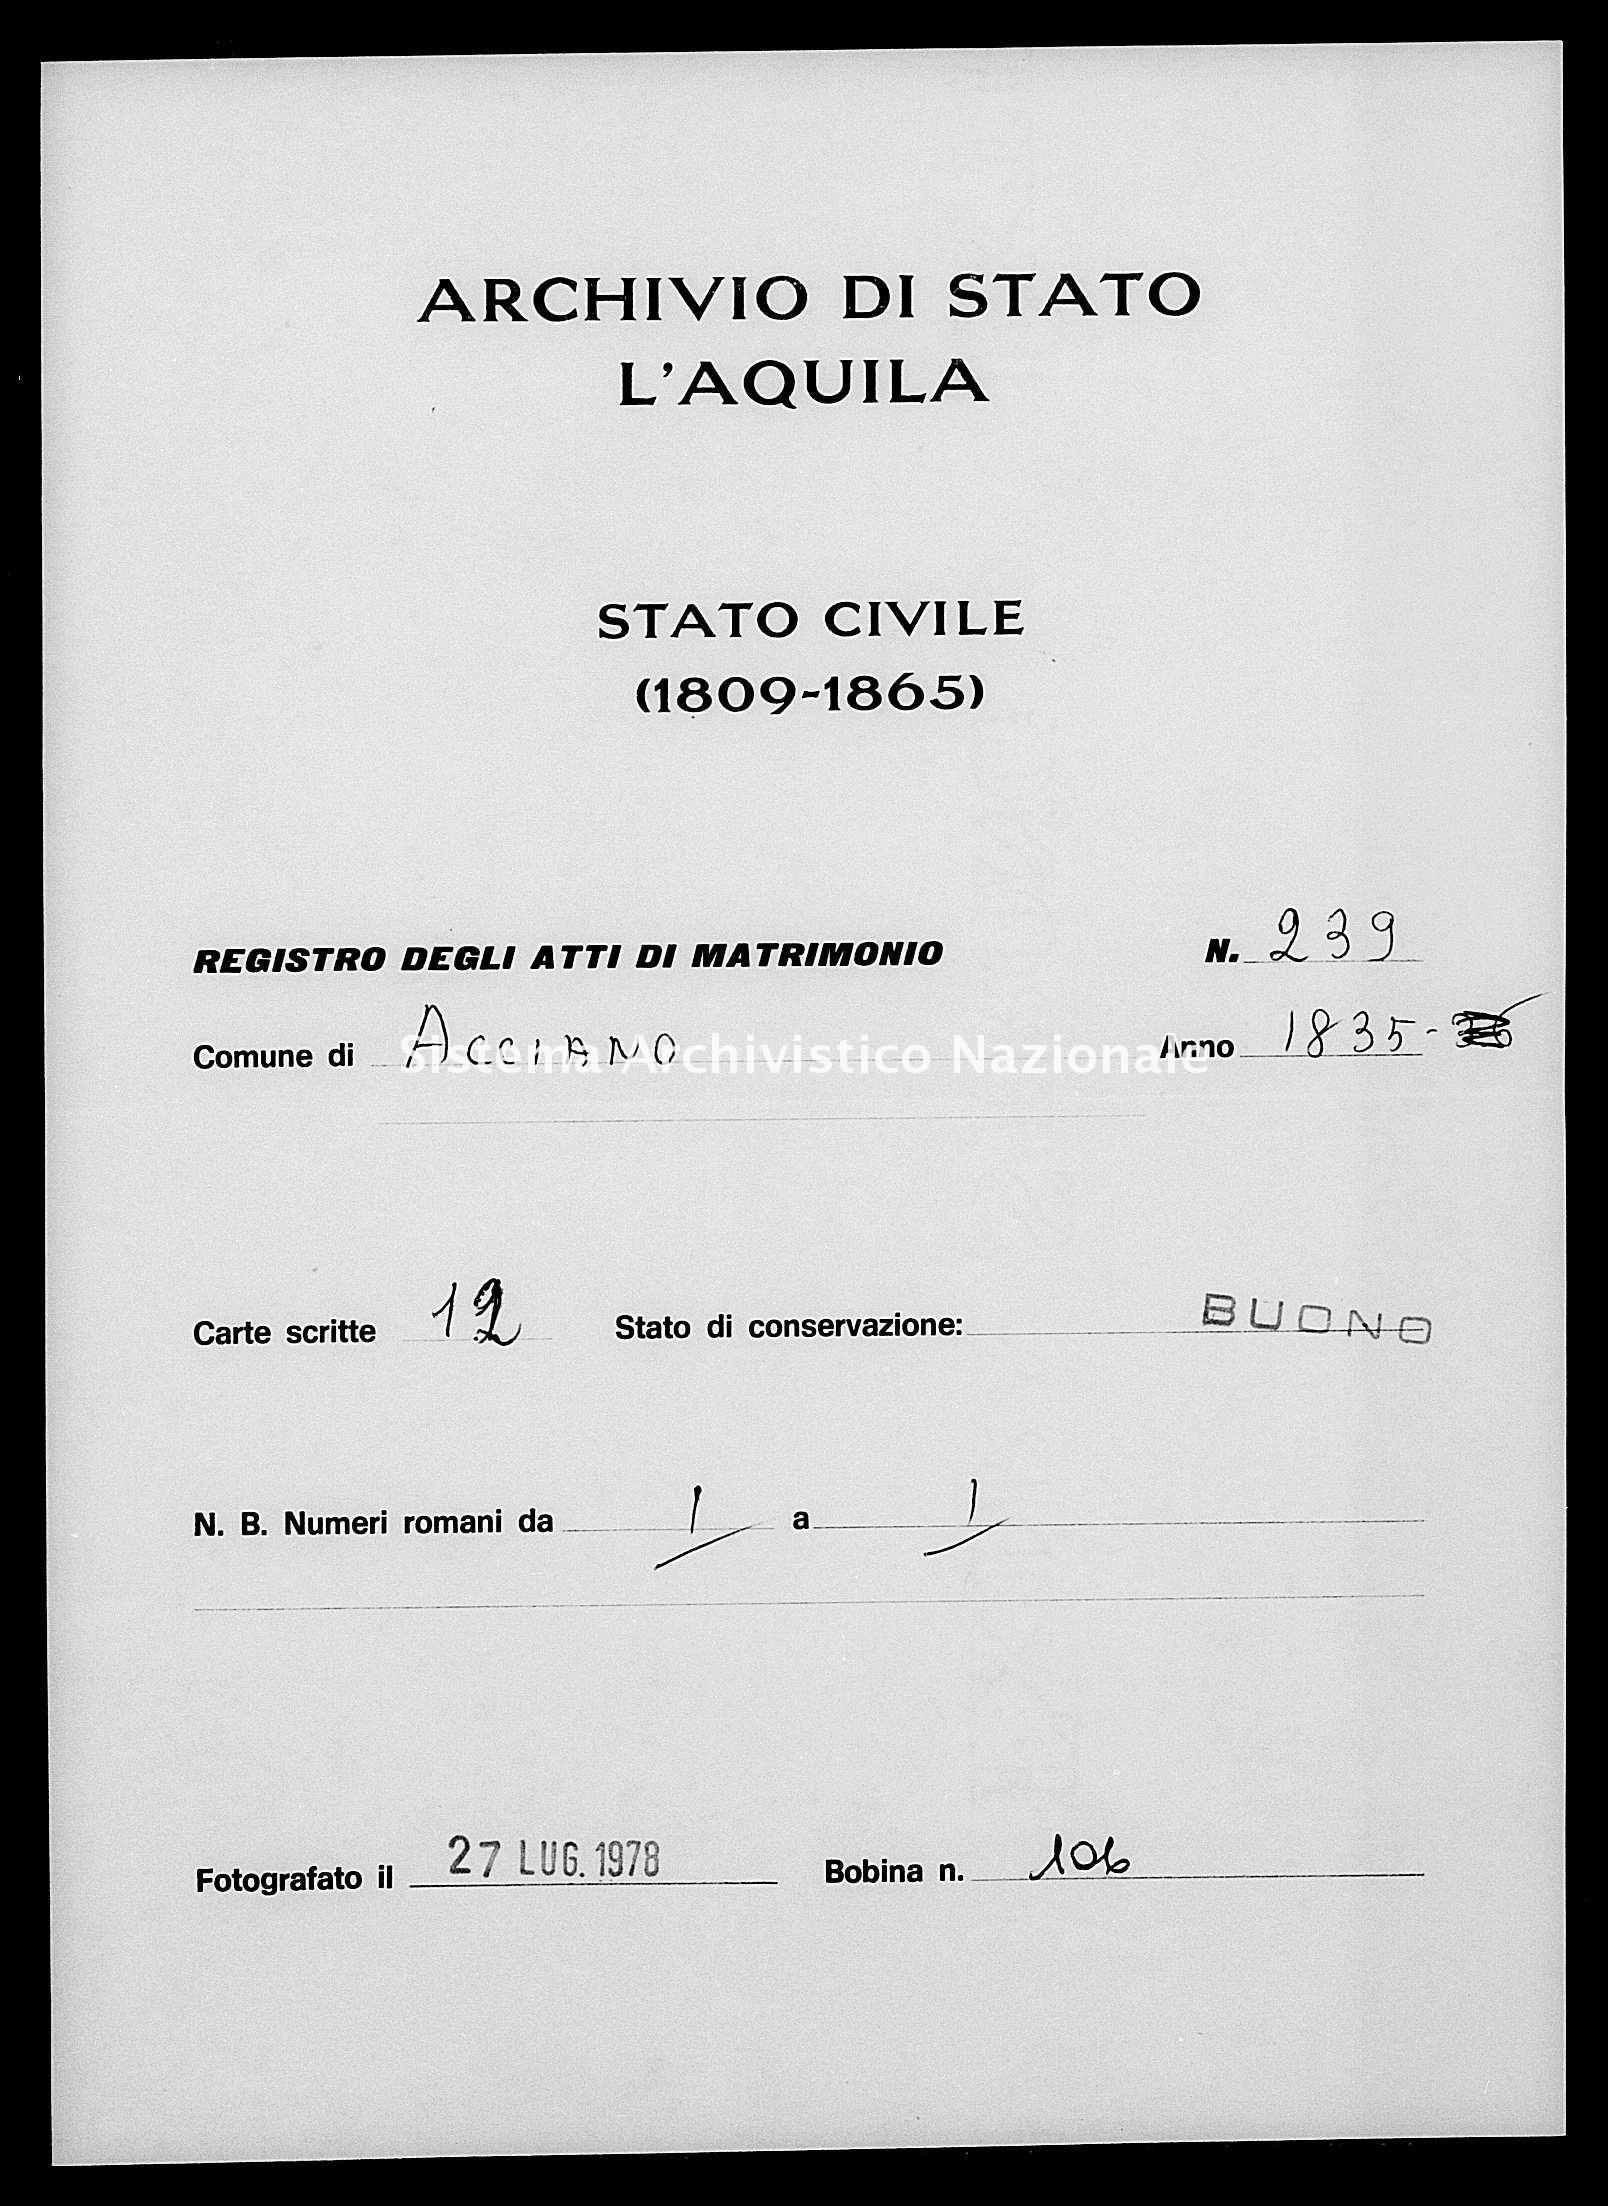 Archivio di stato di L'aquila - Stato civile della restaurazione - Acciano - Matrimoni - 1835 - 239 -